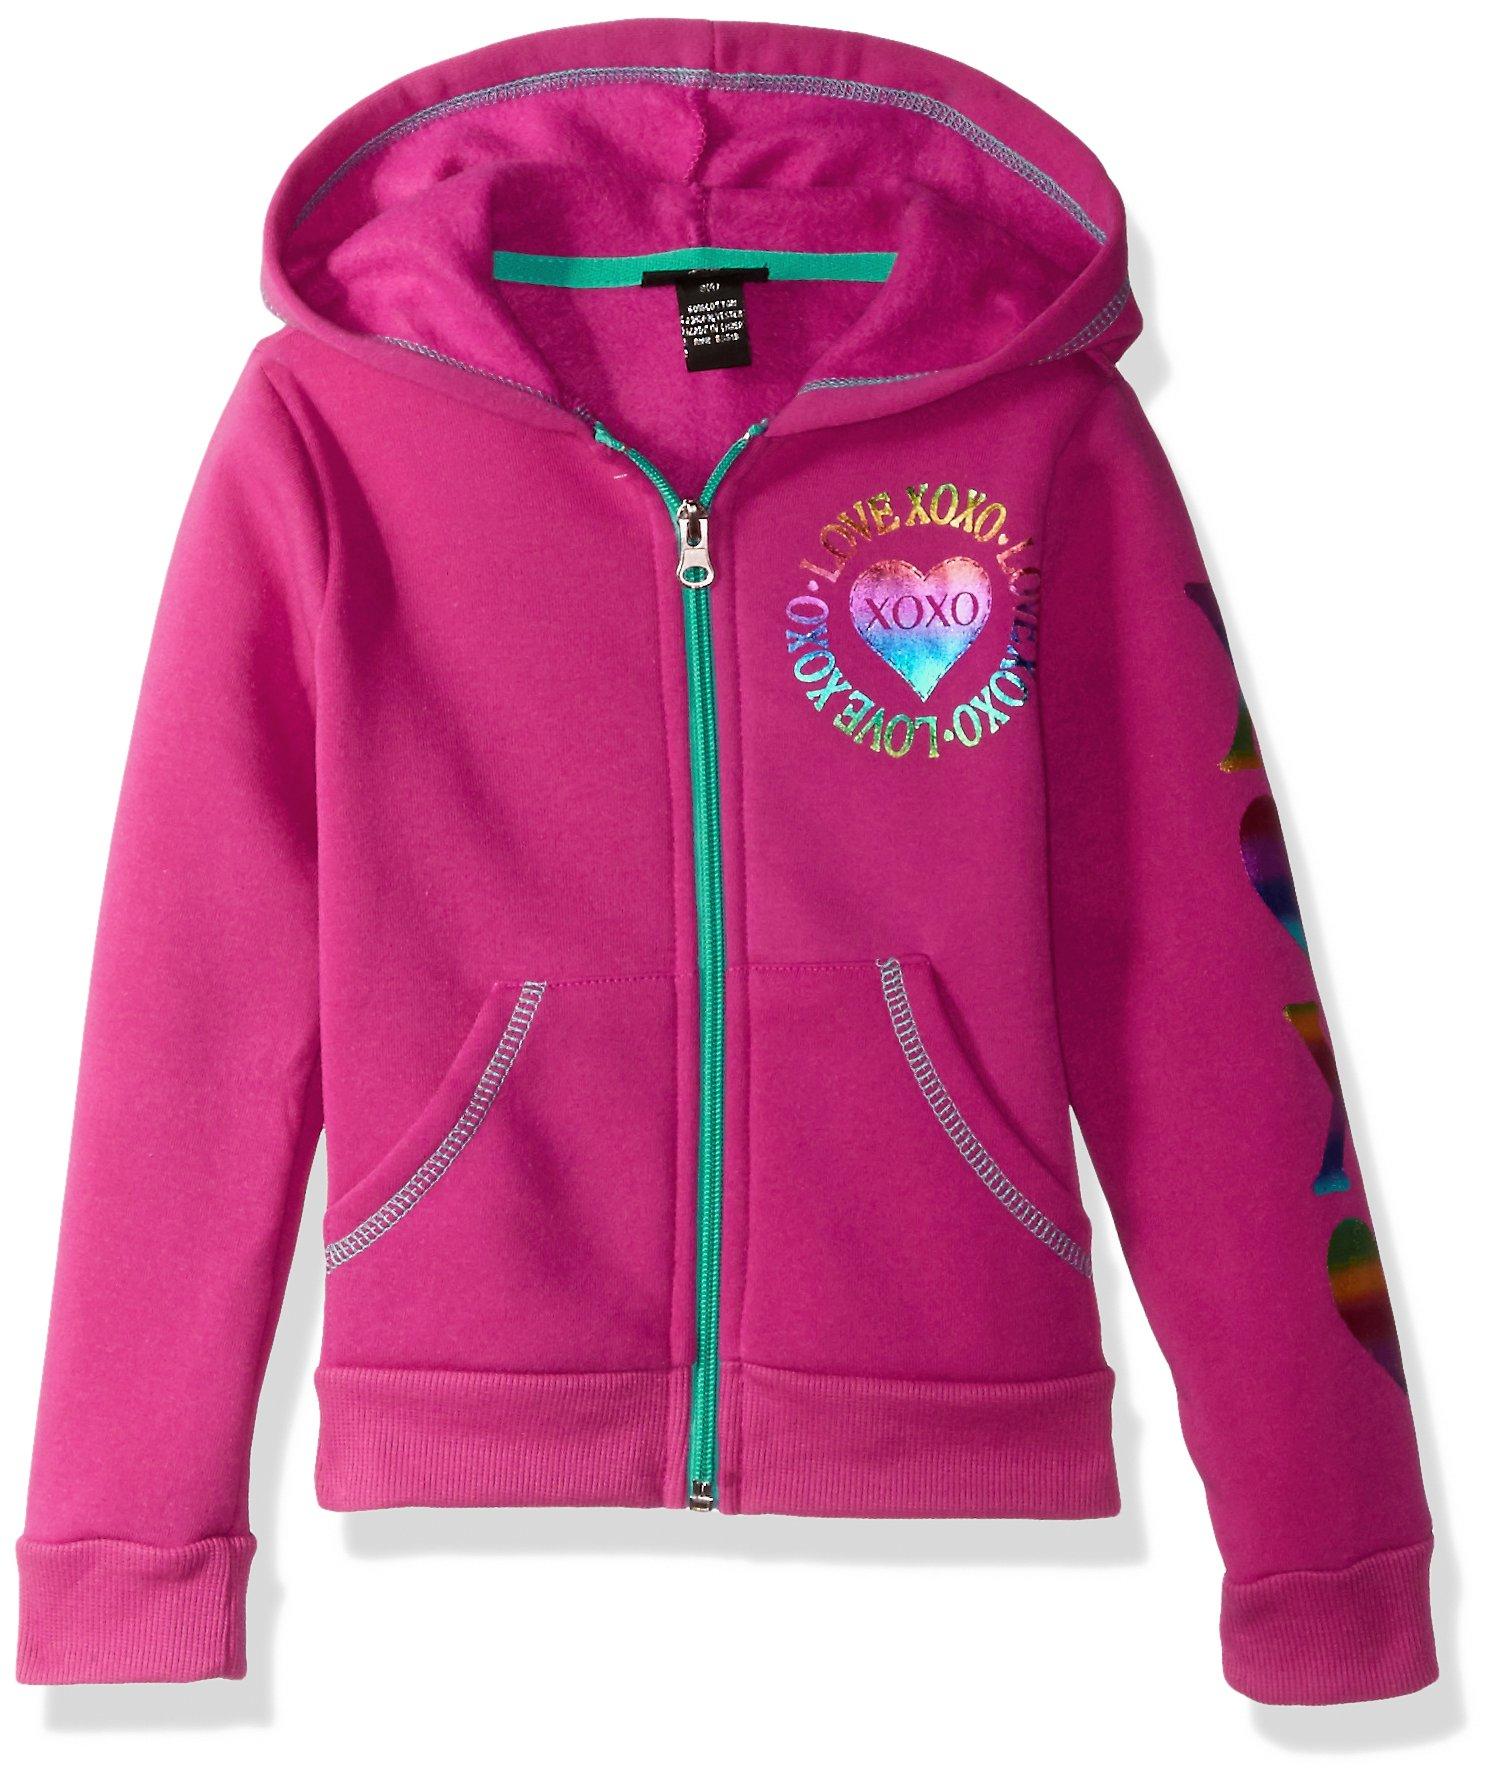 XOXO Little Girls' Fleece Logo Hoodie, Tibet Berry Heart, 4